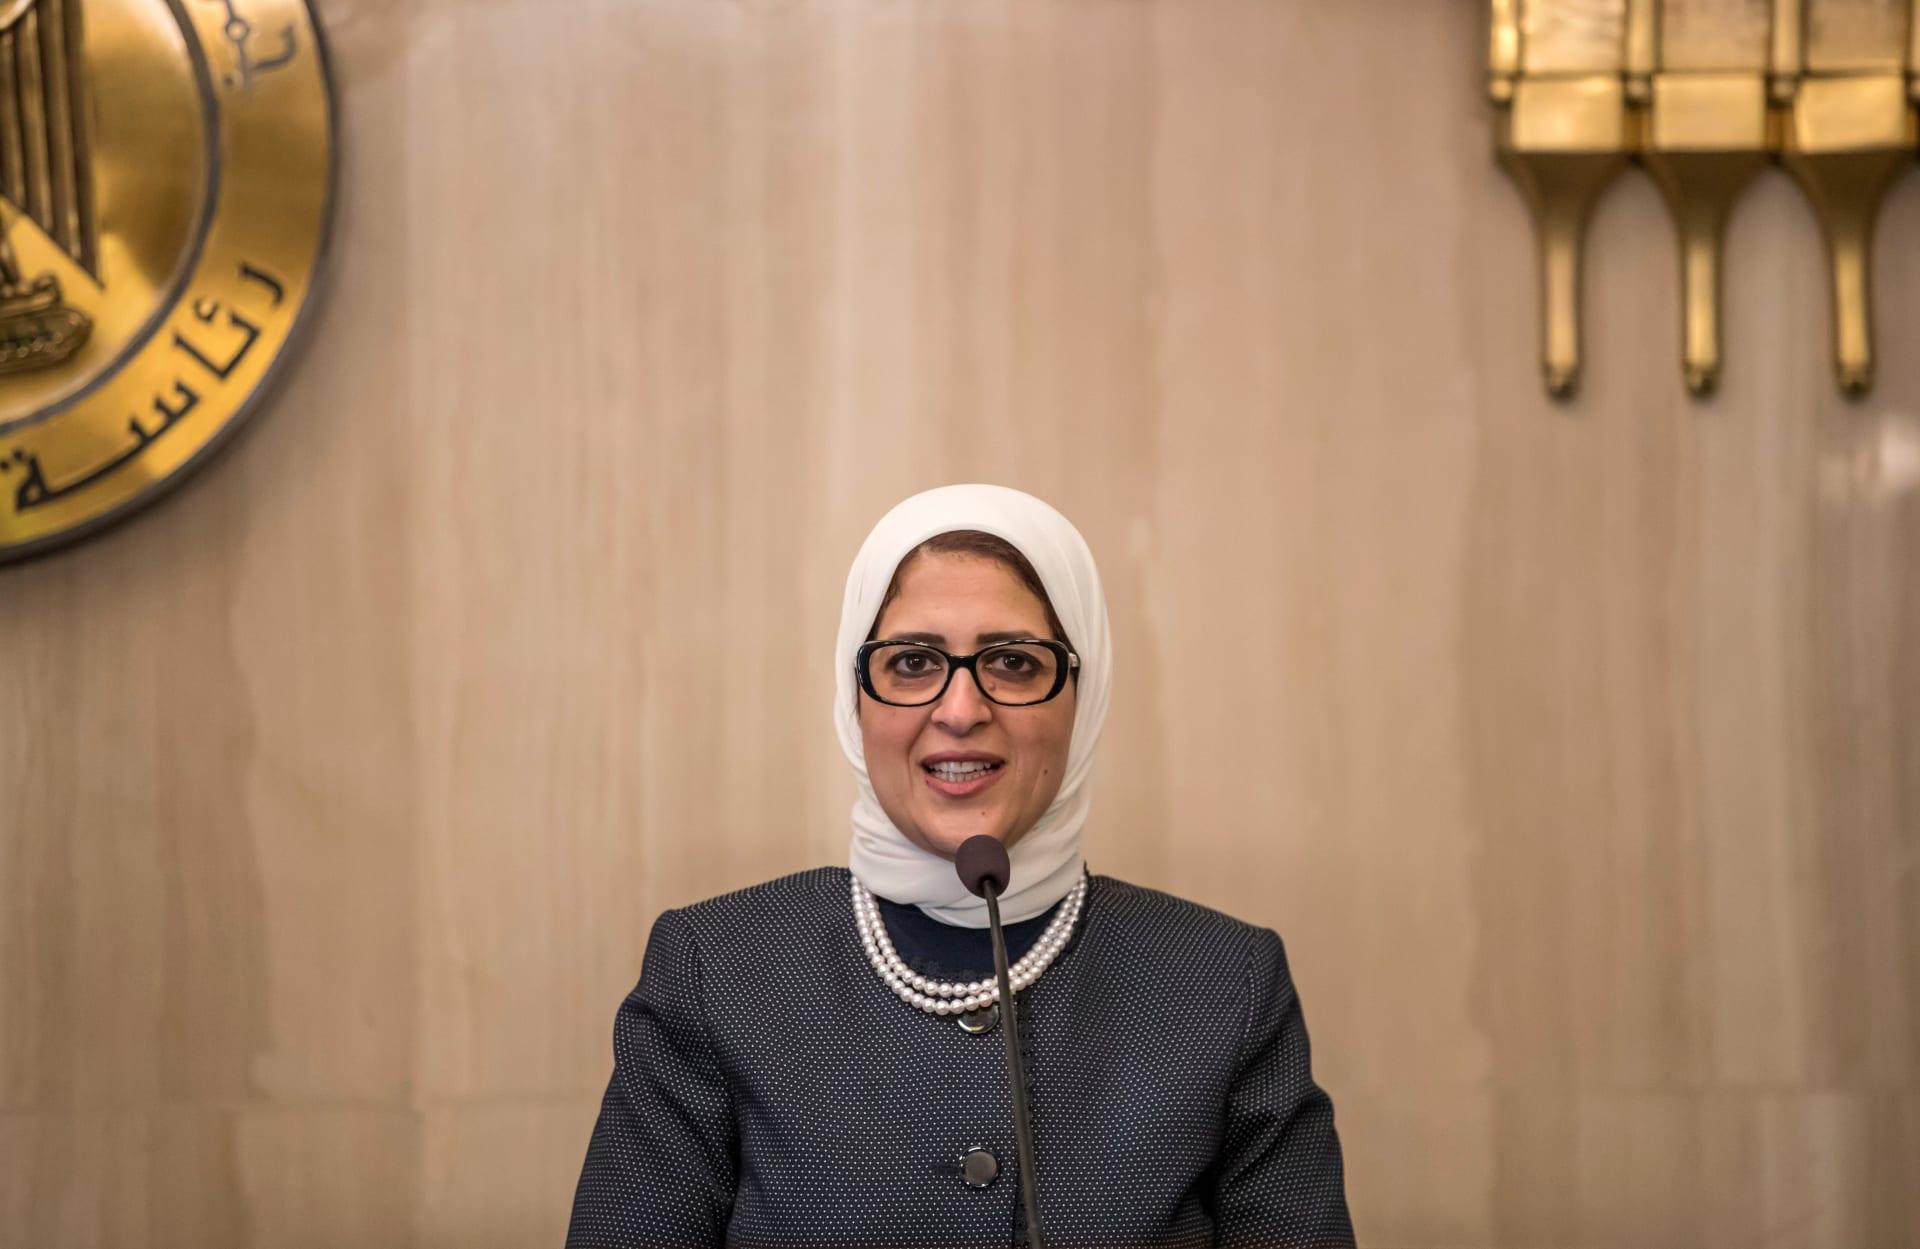 وزيرة الصحة المصرية تكشف عدد إصابات ووفيات كورونا بين الأطقم الطبية وتتحدث عن الإجراءات المتخذة لحمايتها